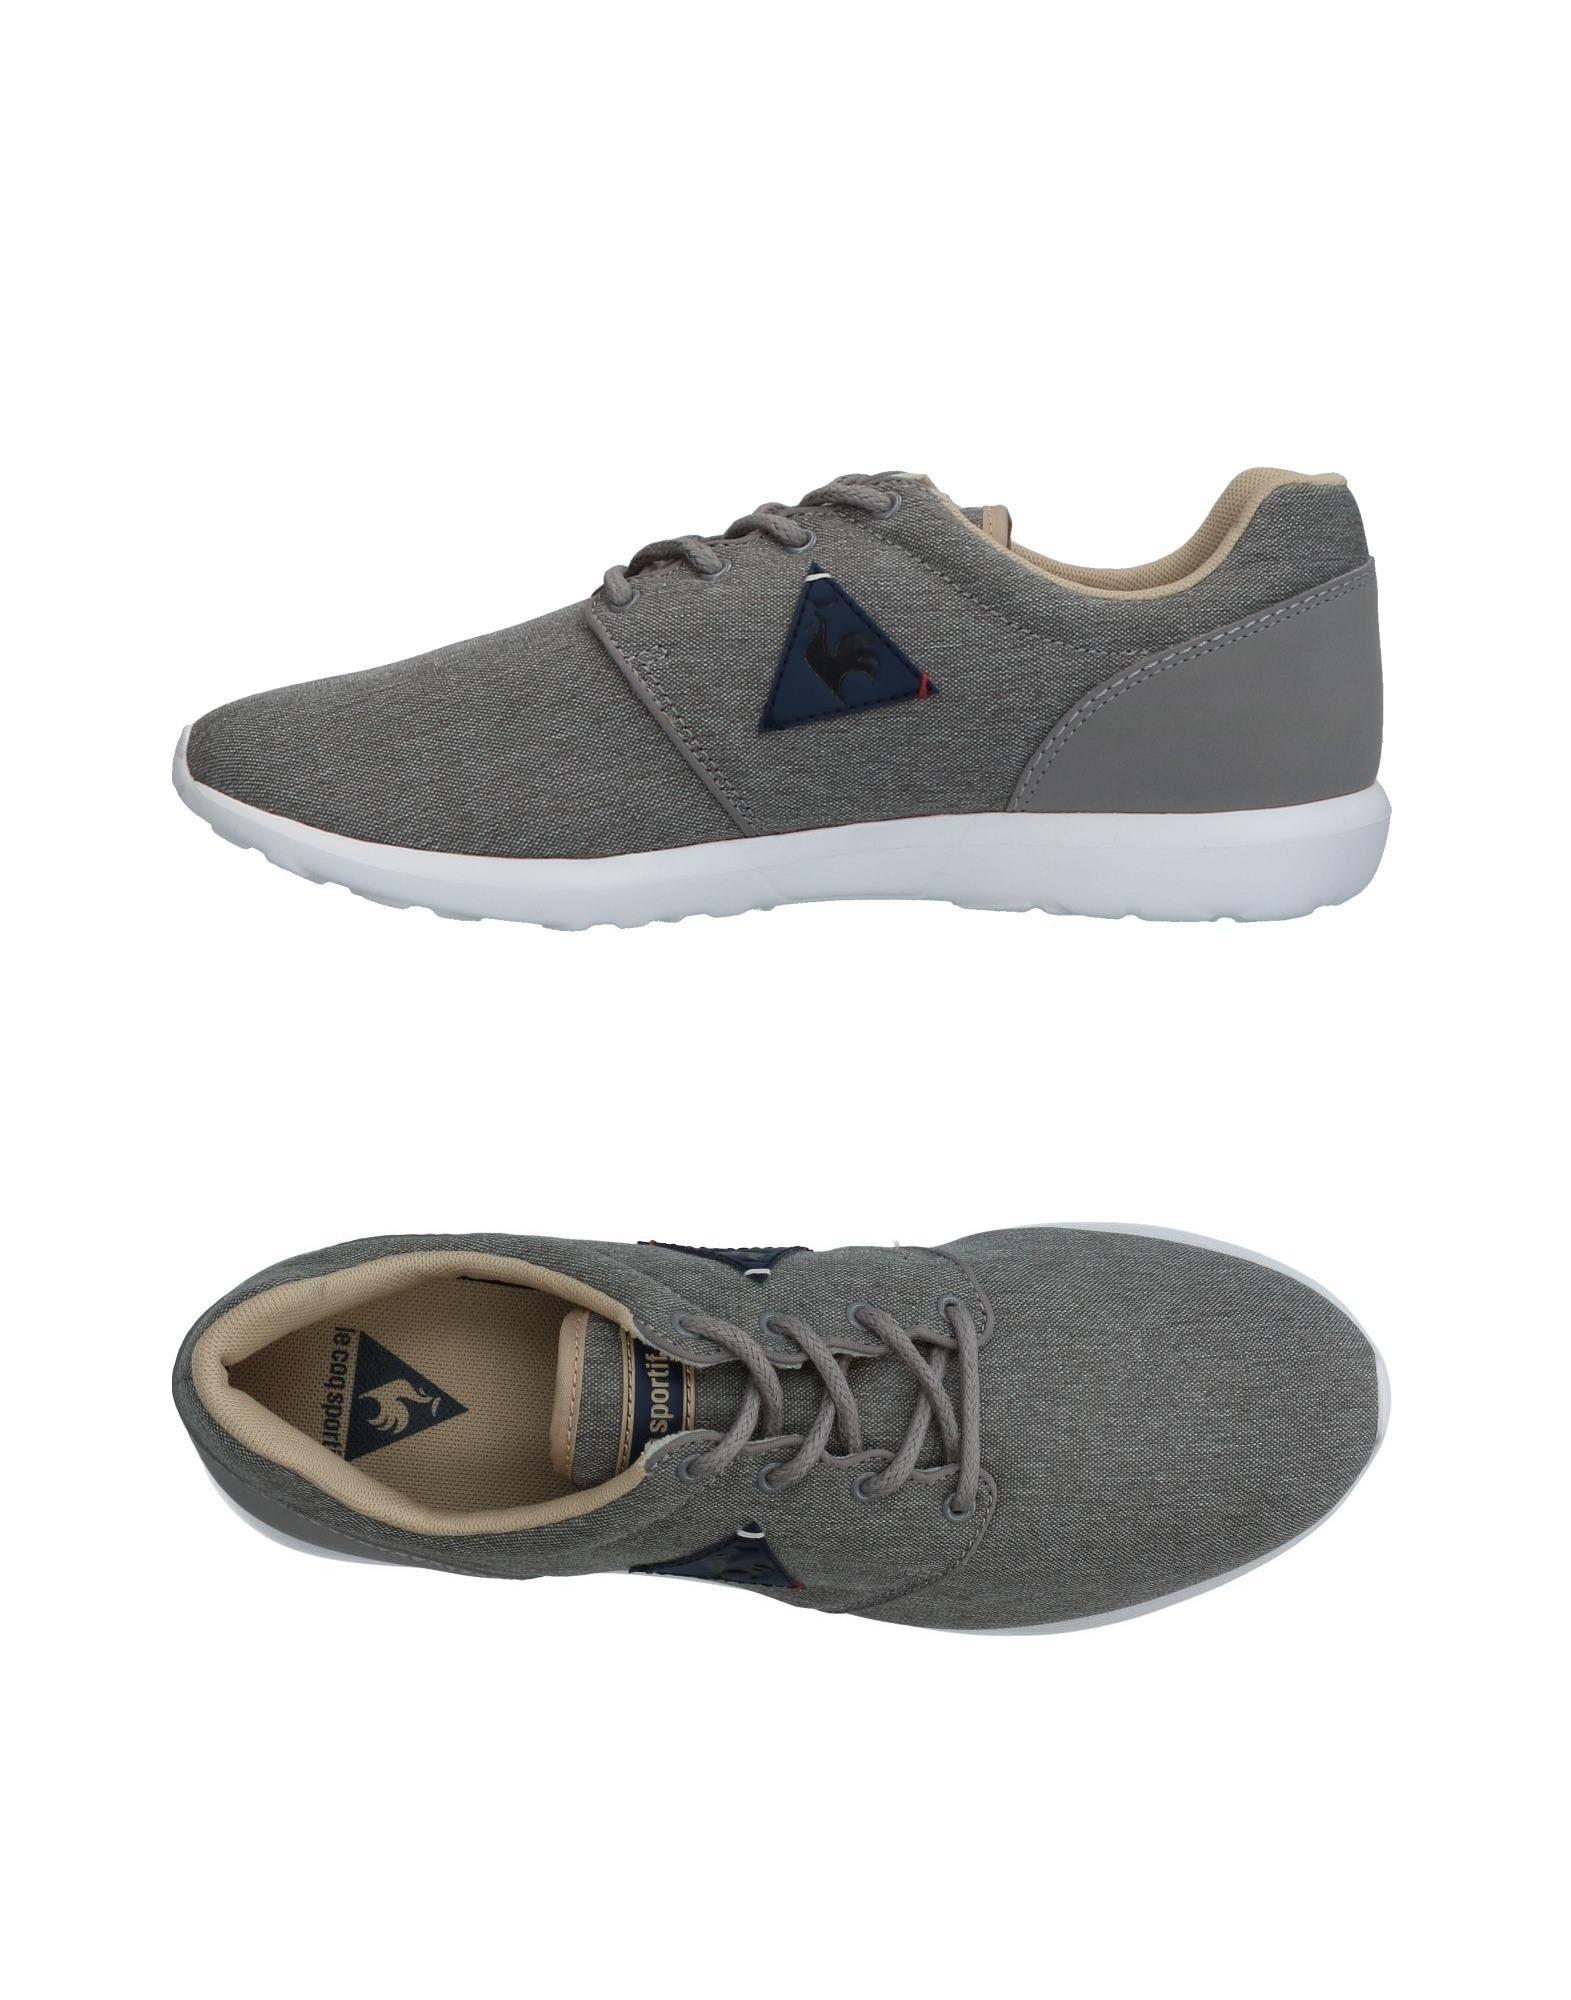 Sneakers Le Coq Sportif Uomo - 11336896JT